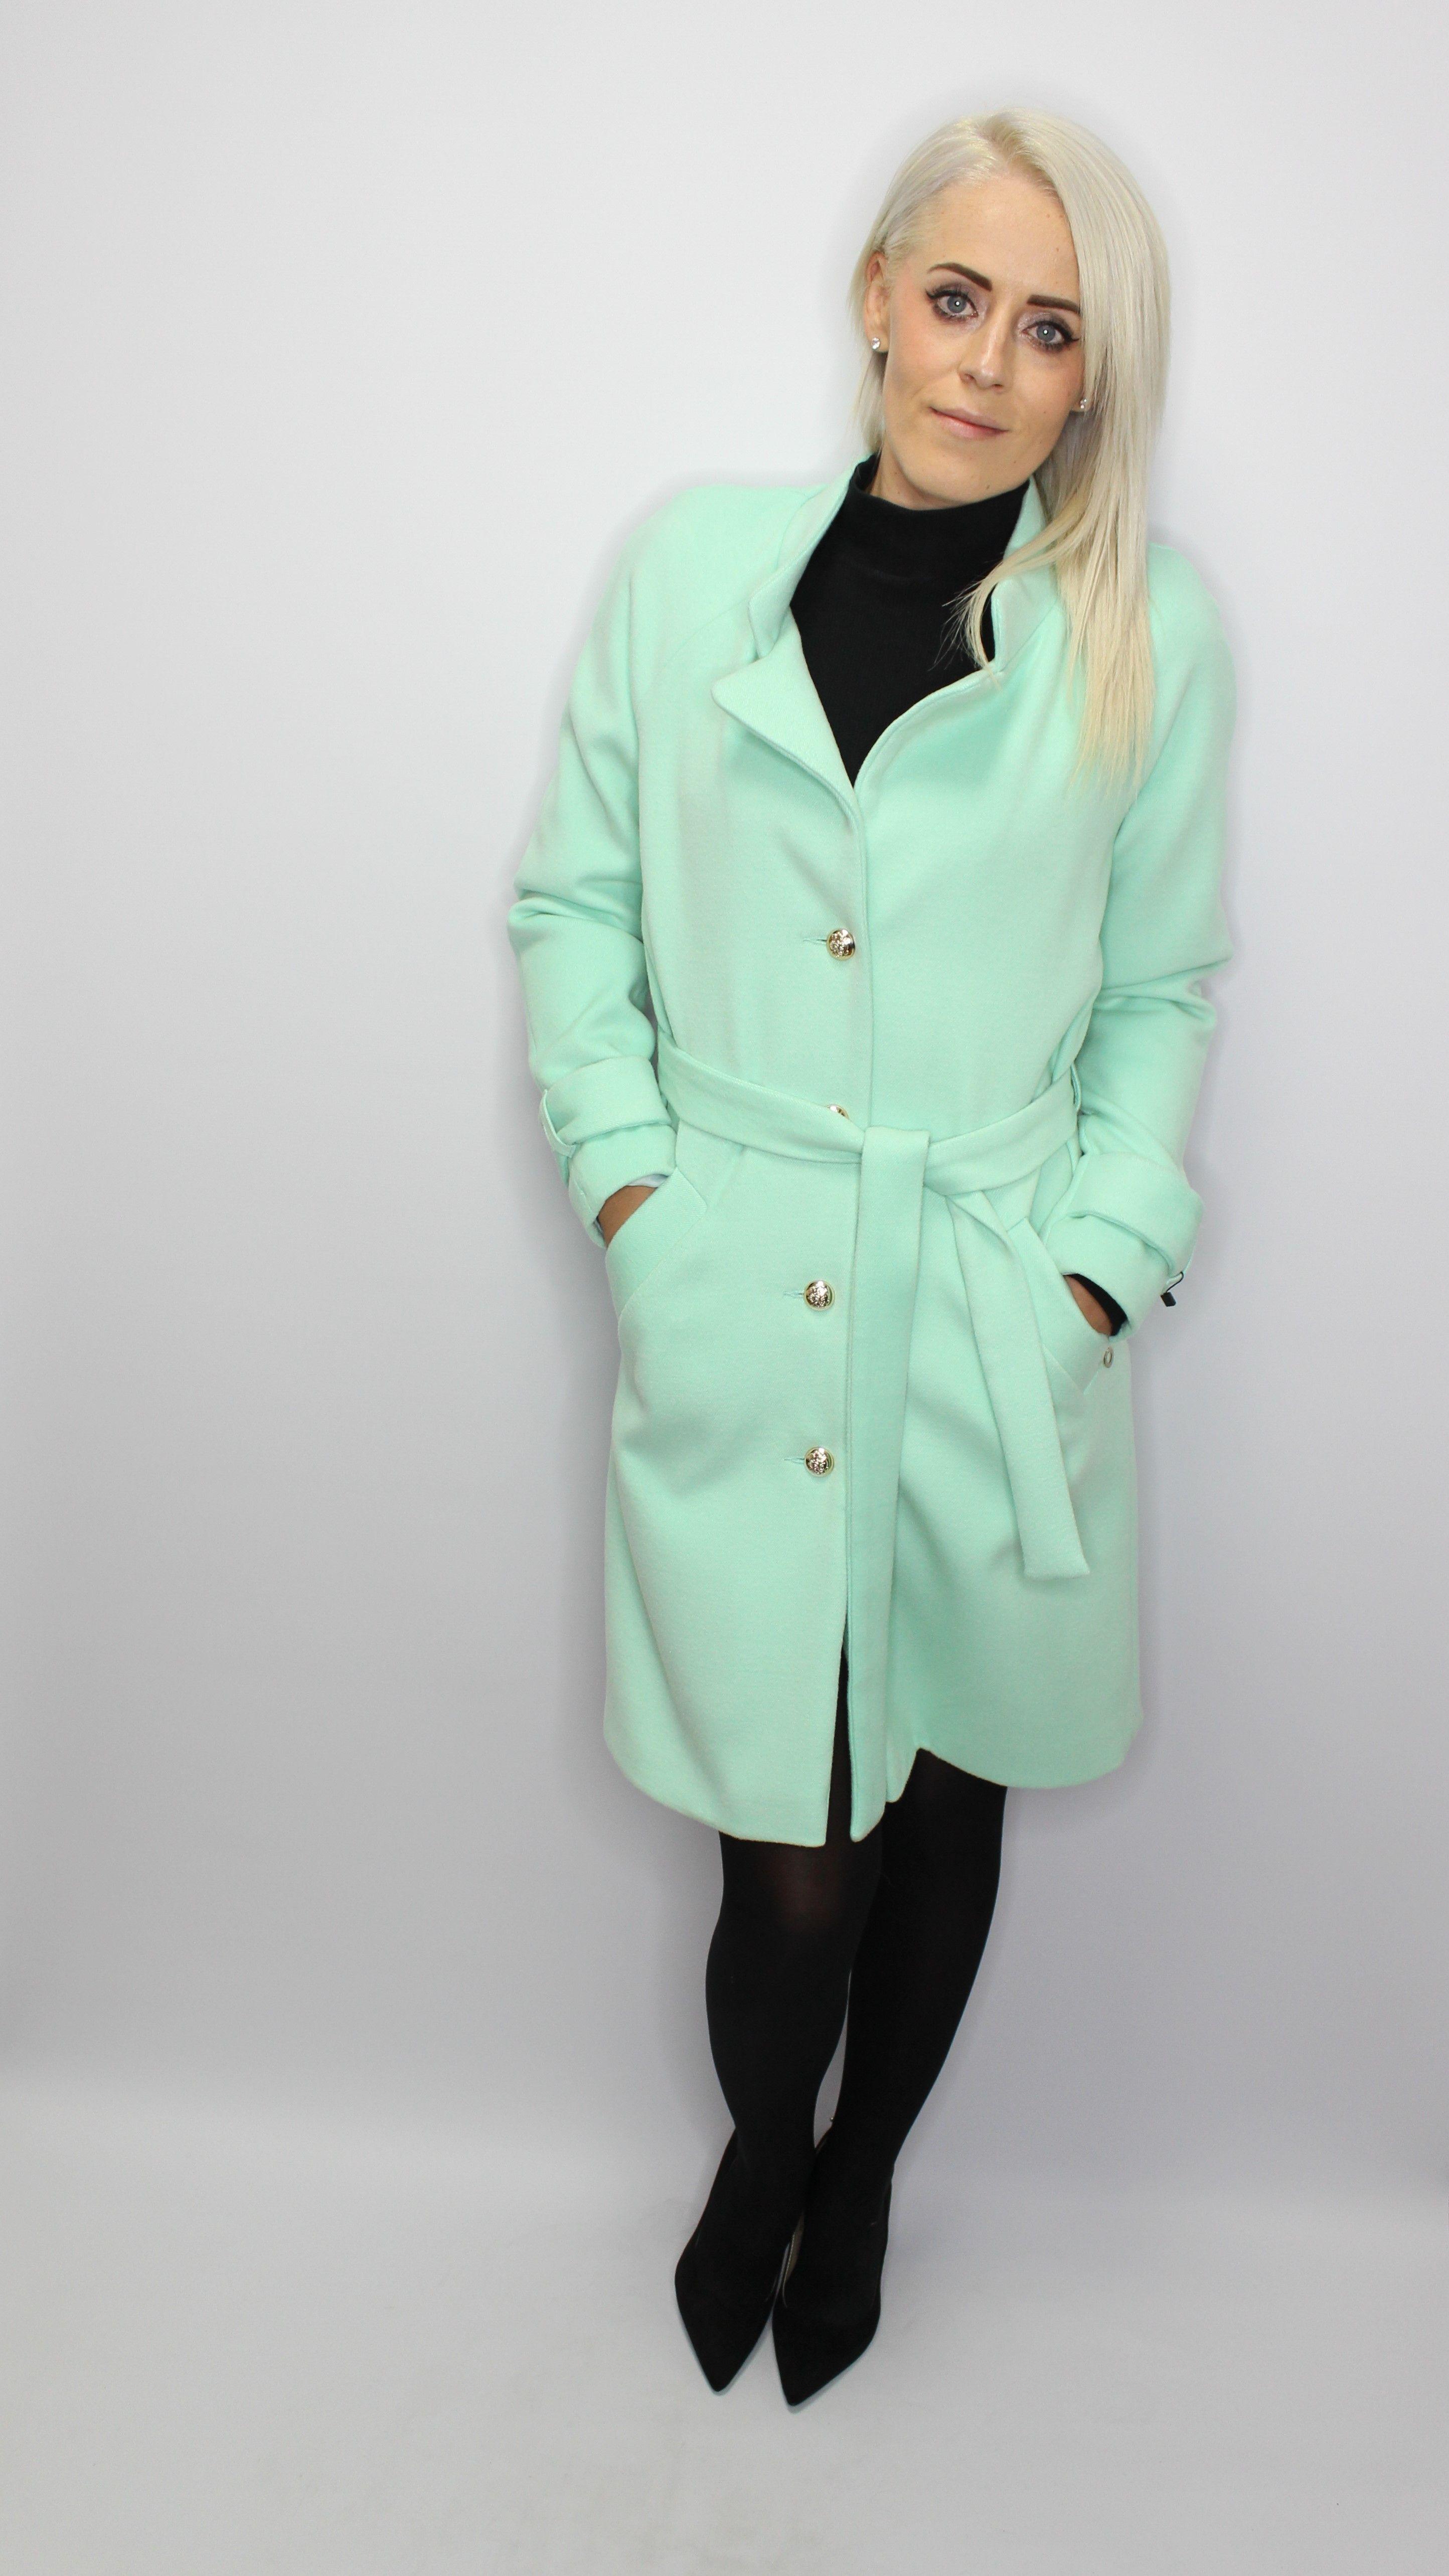 Mint Green Elegant  Coat